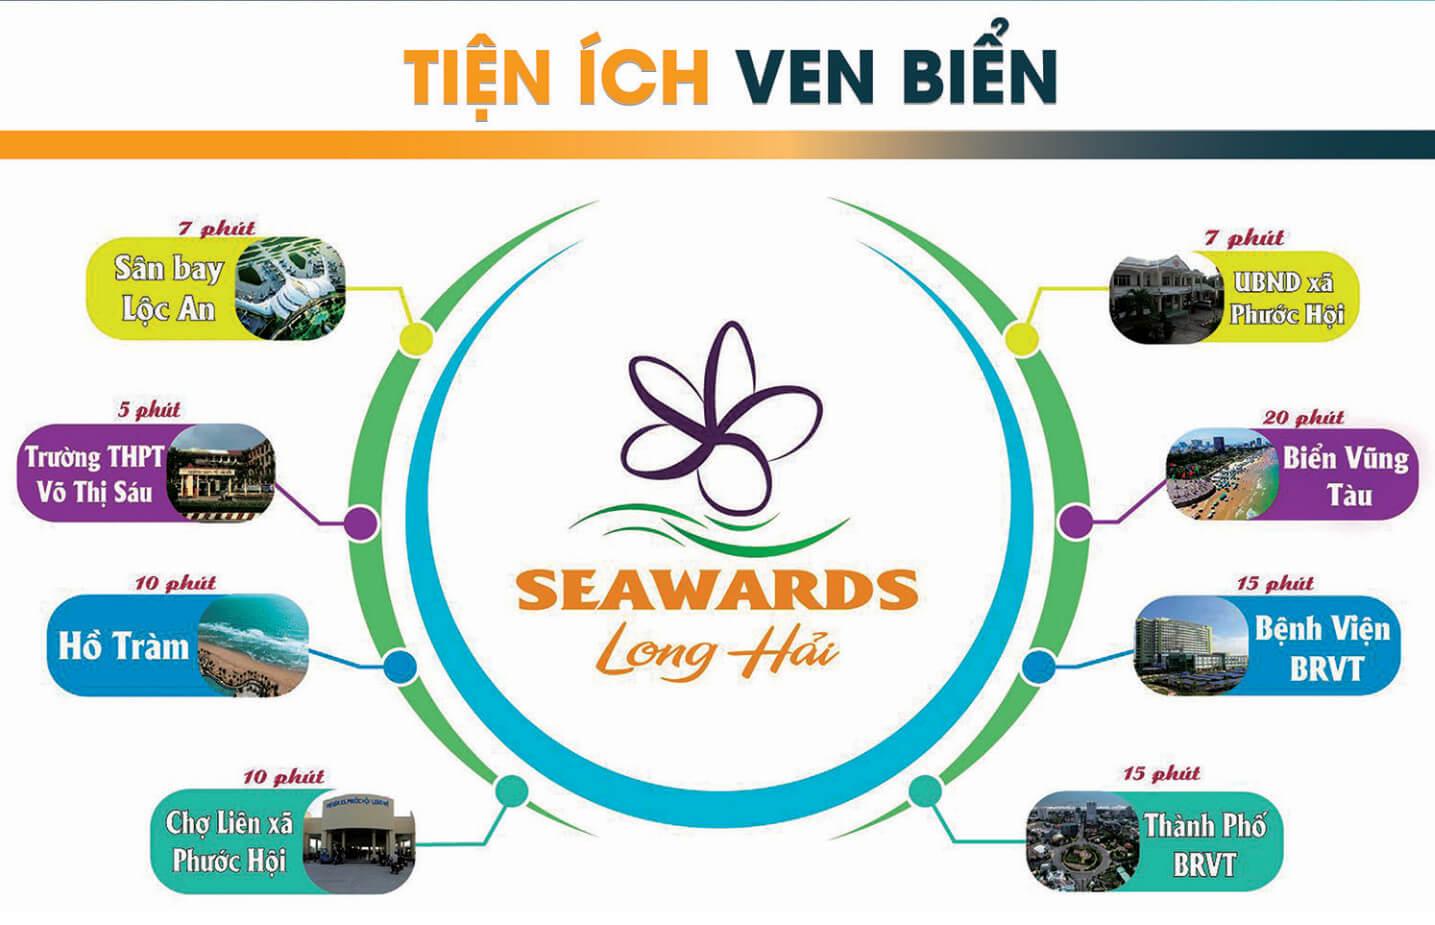 liên kết vùng dự án seawards long hải - đất đỏ